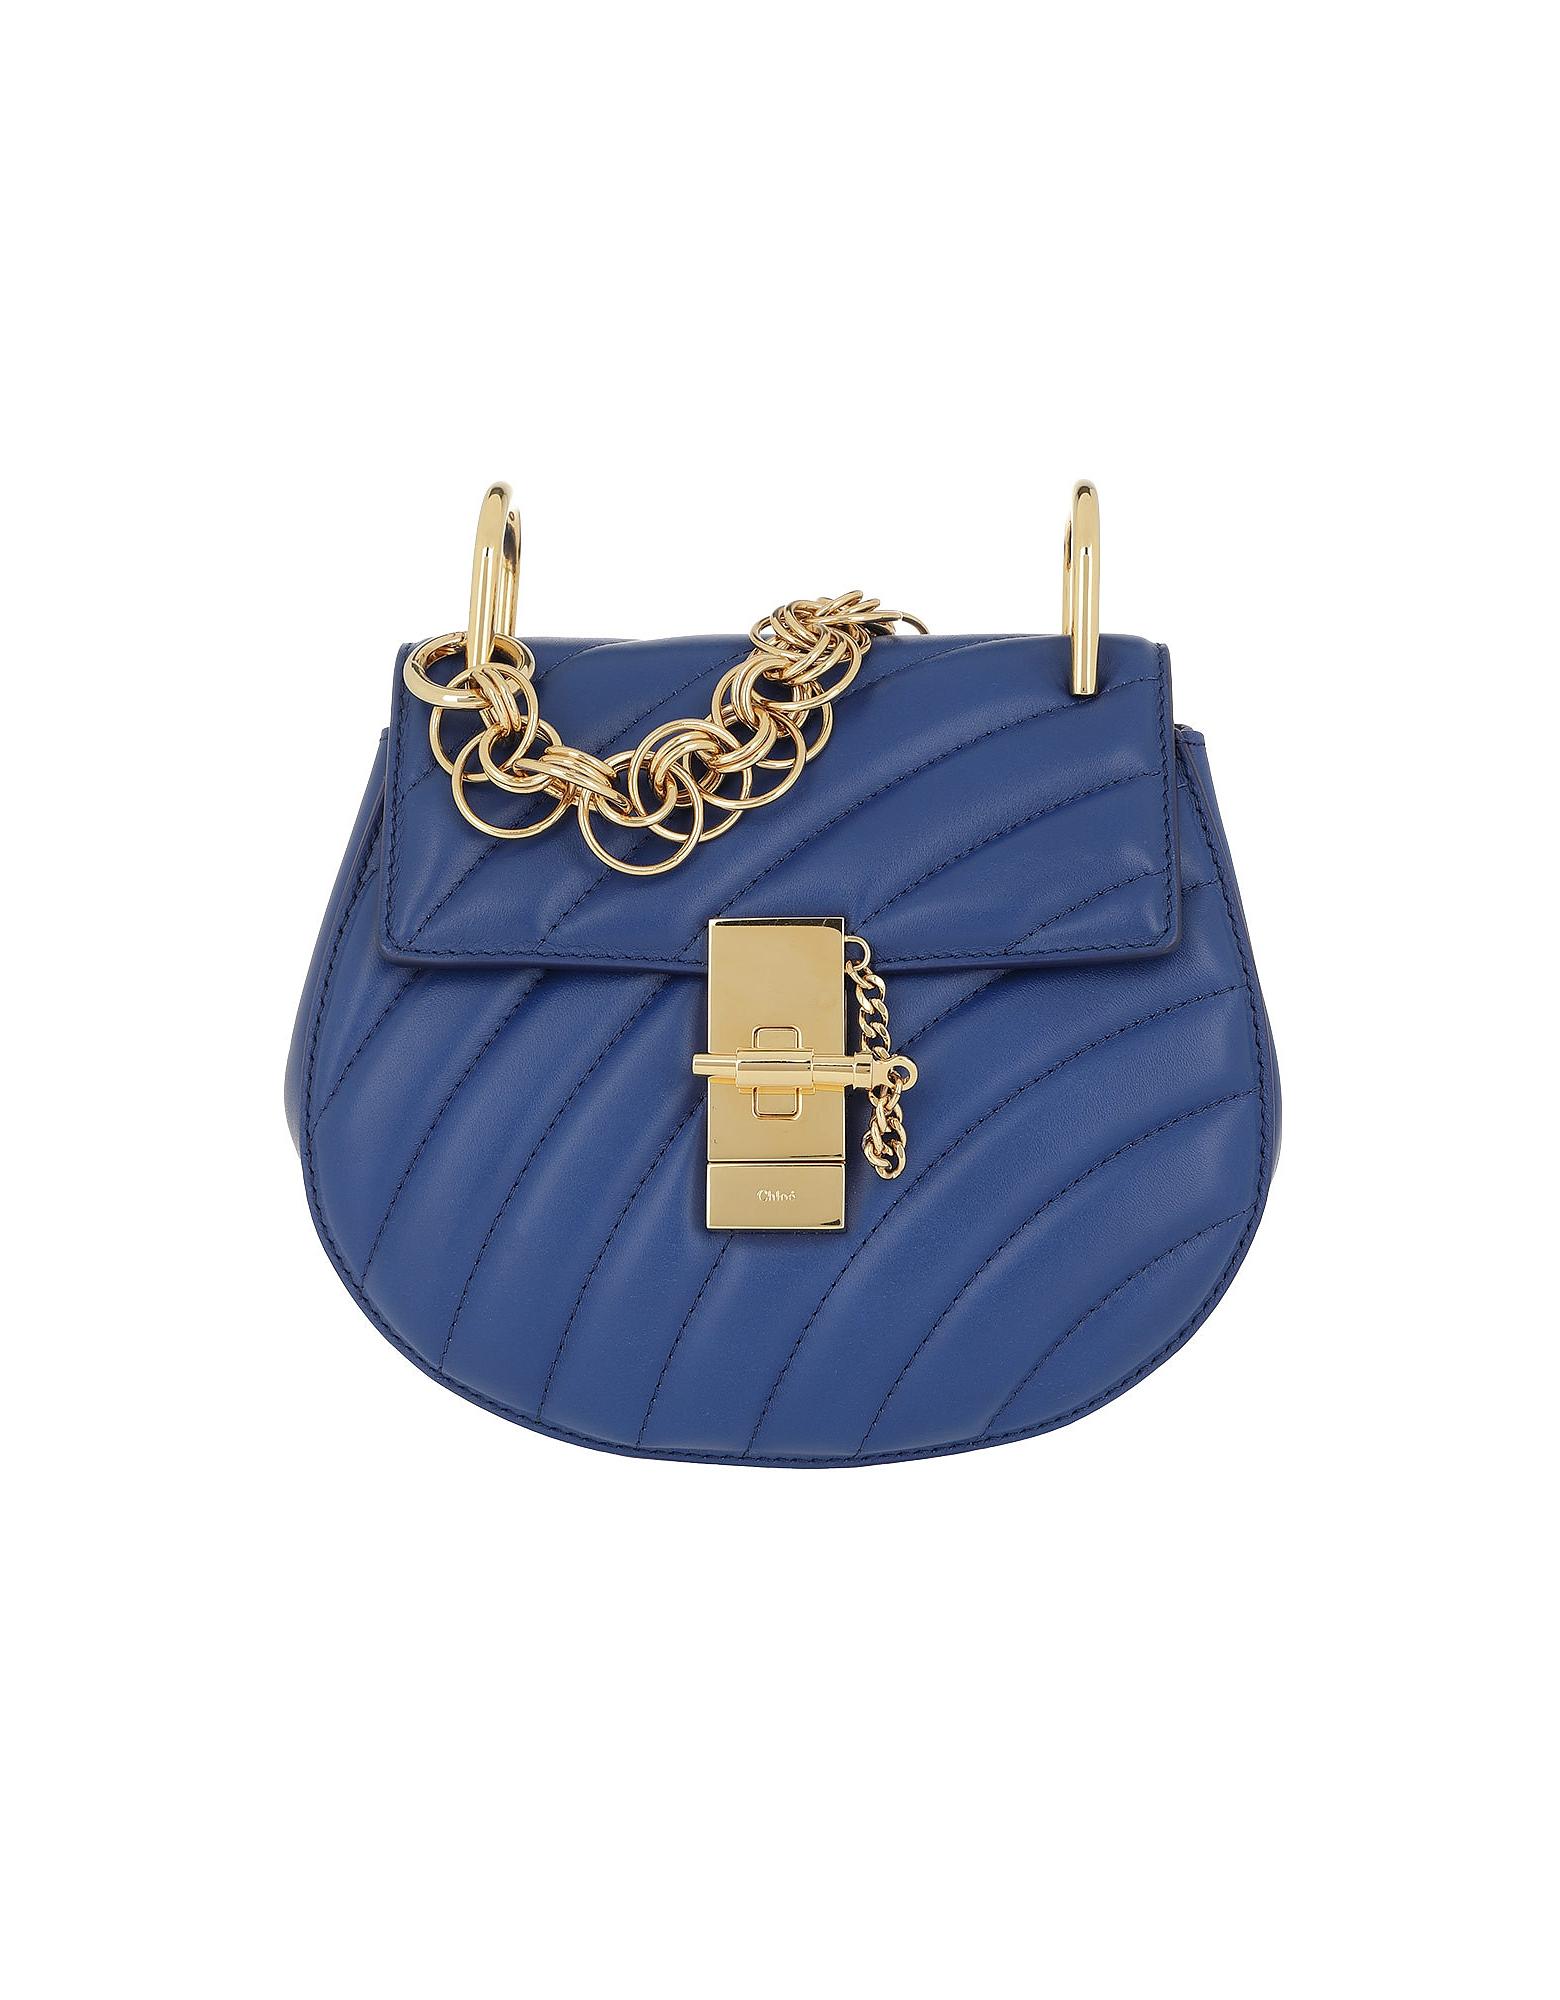 Drew Bijou Mini Leather Majesty Blue